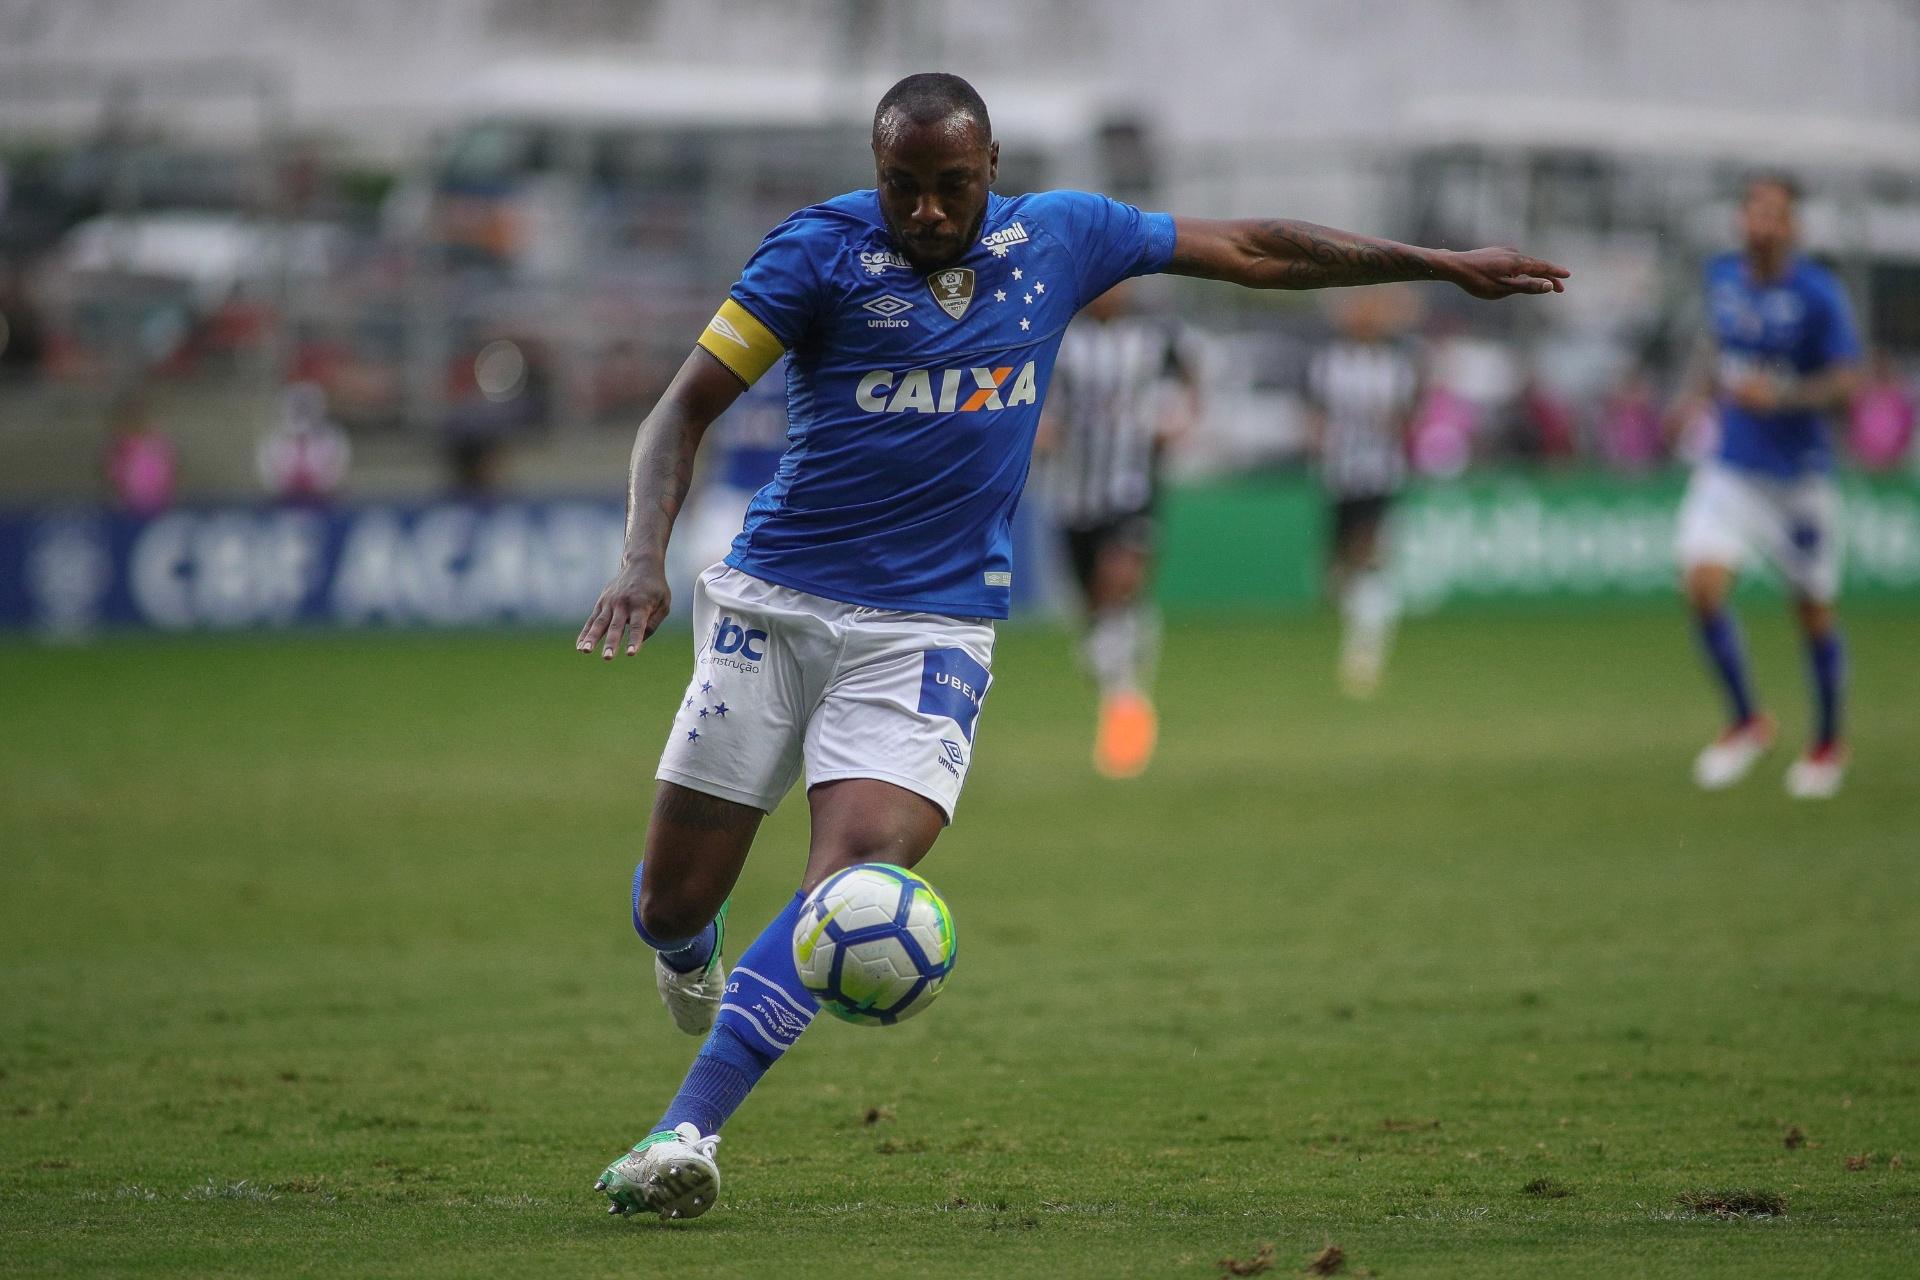 Por Libertadores ab32ecb84bd4d